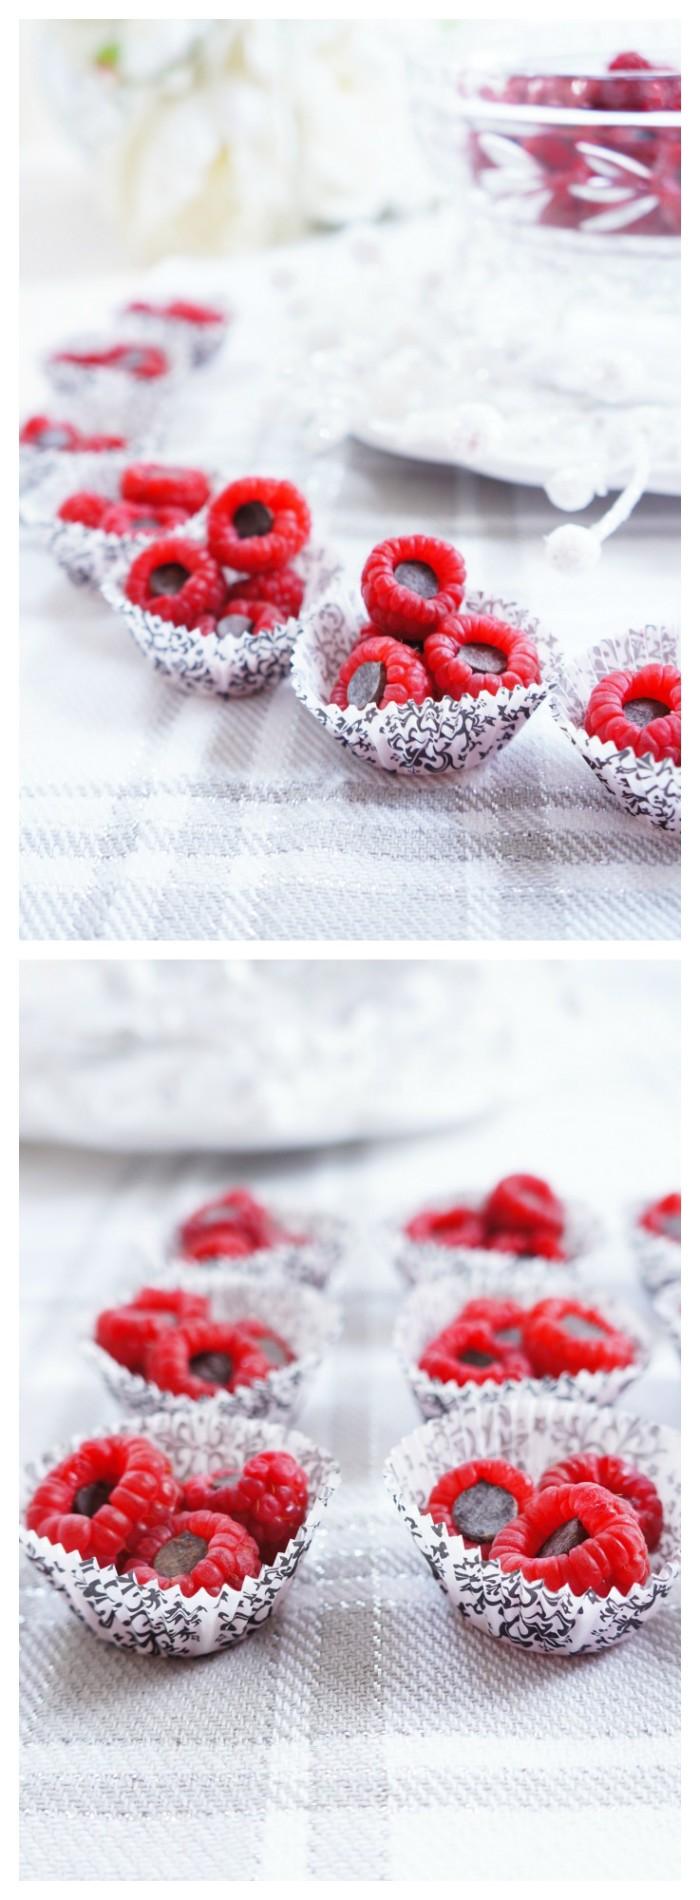 Dark Chocolate Stuffed Raspberries | Haute & Healthy Living